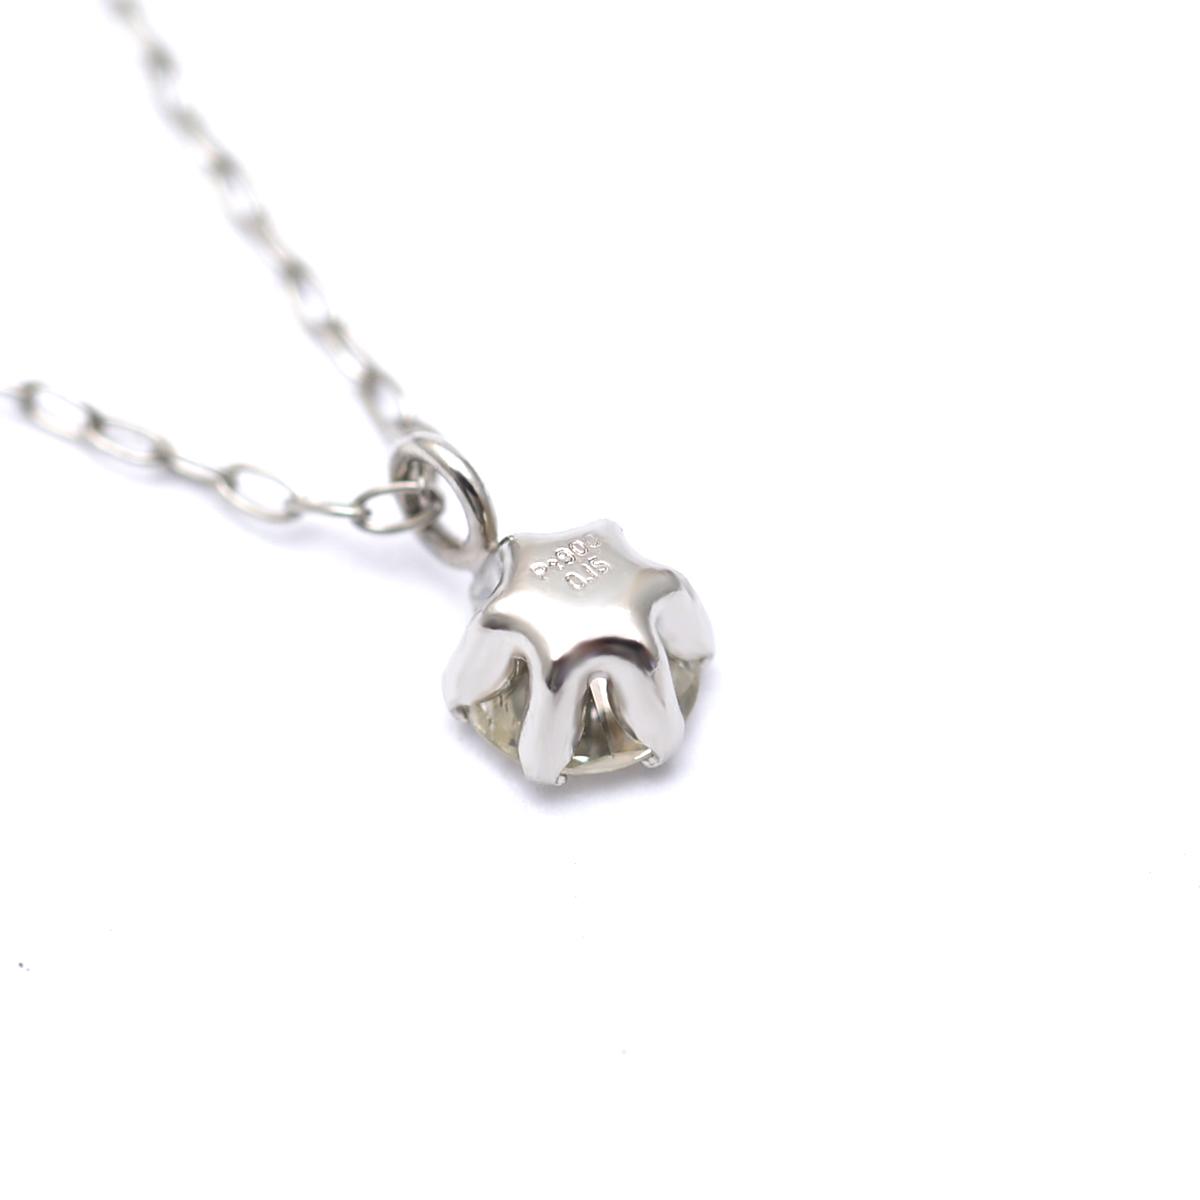 k18ネックレス ハワイアンジュエリー ネックレス 一粒ダイヤネックレス ハワイアンファンシーカラーダイヤモンドネックレス ワイメアサンセット 0.15ct Pt900 K18 (チェーンPt850) ane1618